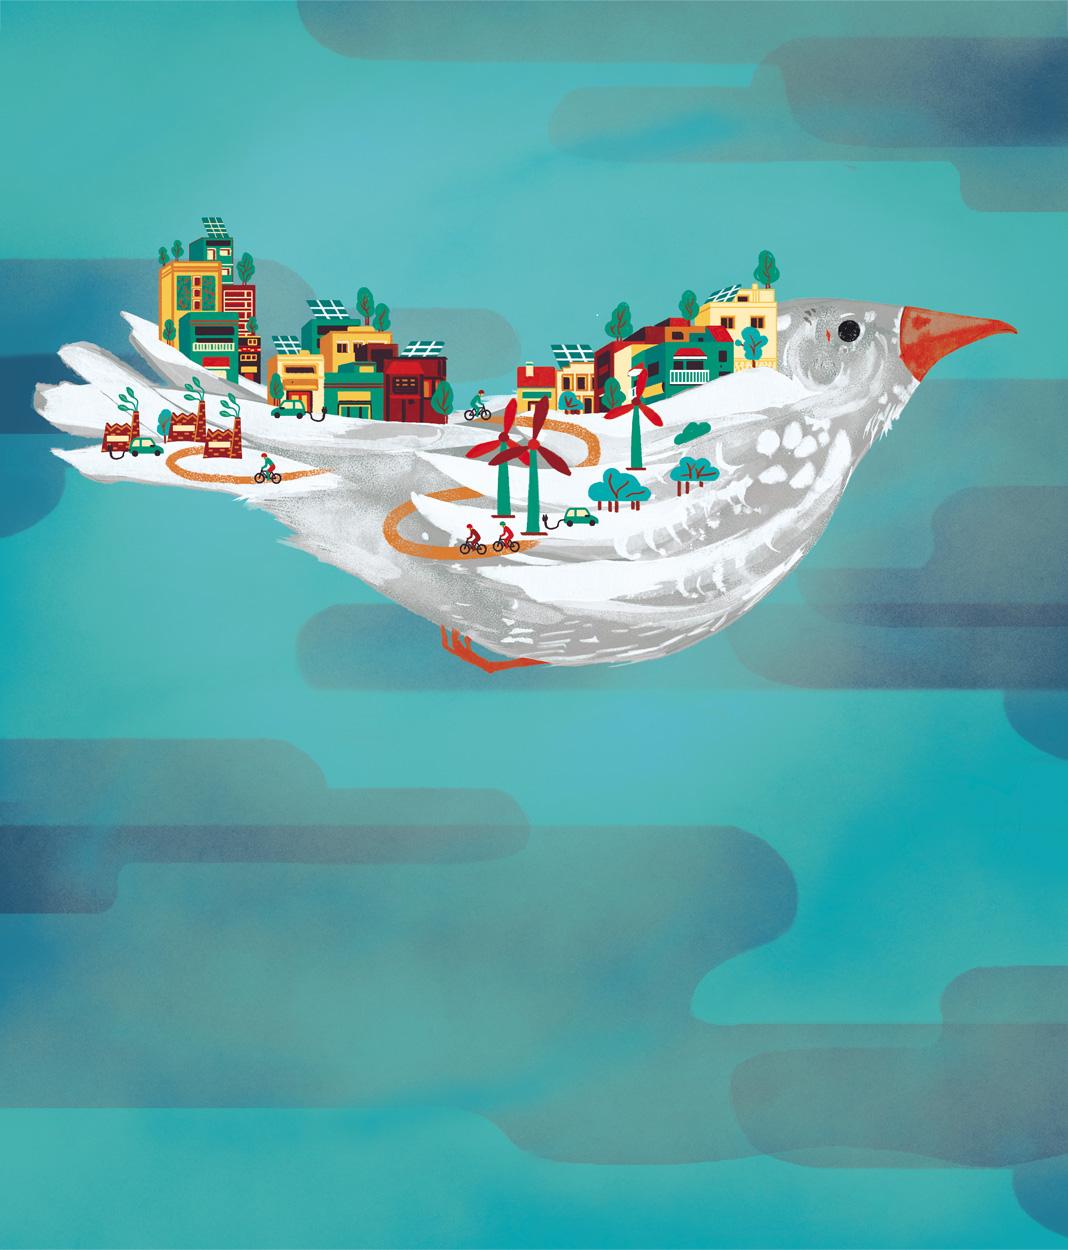 Paloma con cielo de fondo, ilustración cartel. Laura Bustos